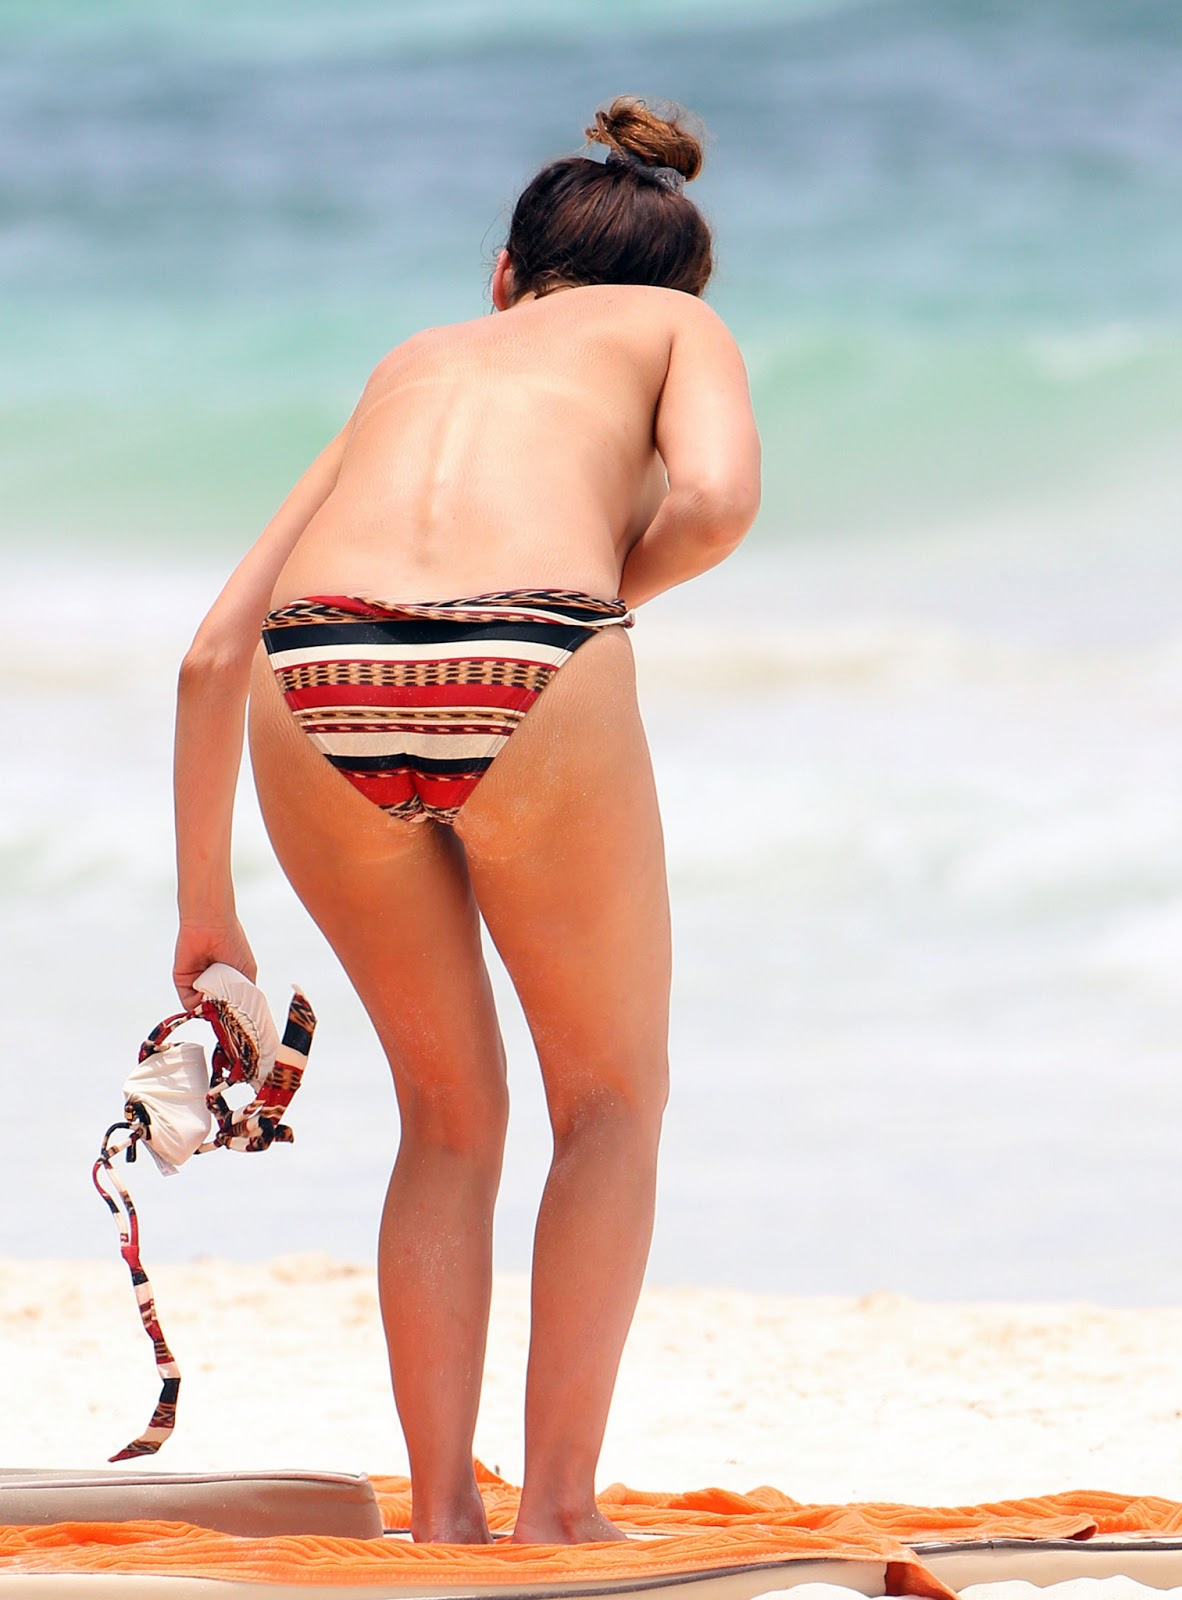 Члены дрочка откровение фото на пляже